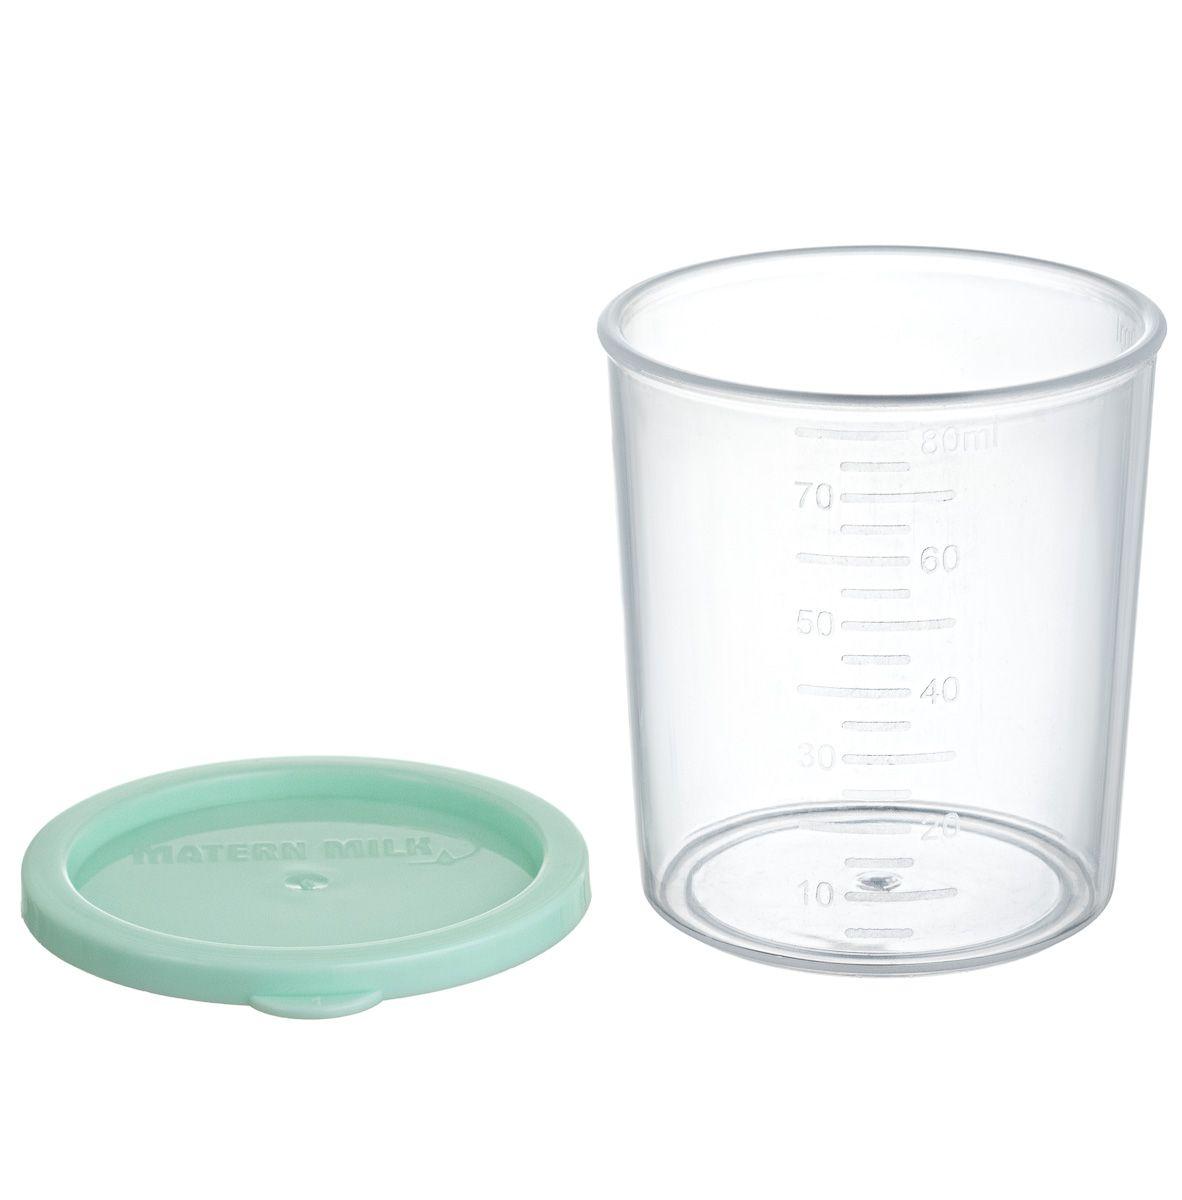 Copo de Aleitamento Materno Verde, 80 ml, (kit com 50 unid. a granel). polipropileno atóxico,graduação de 10 em 10 ml  Matern Milk.